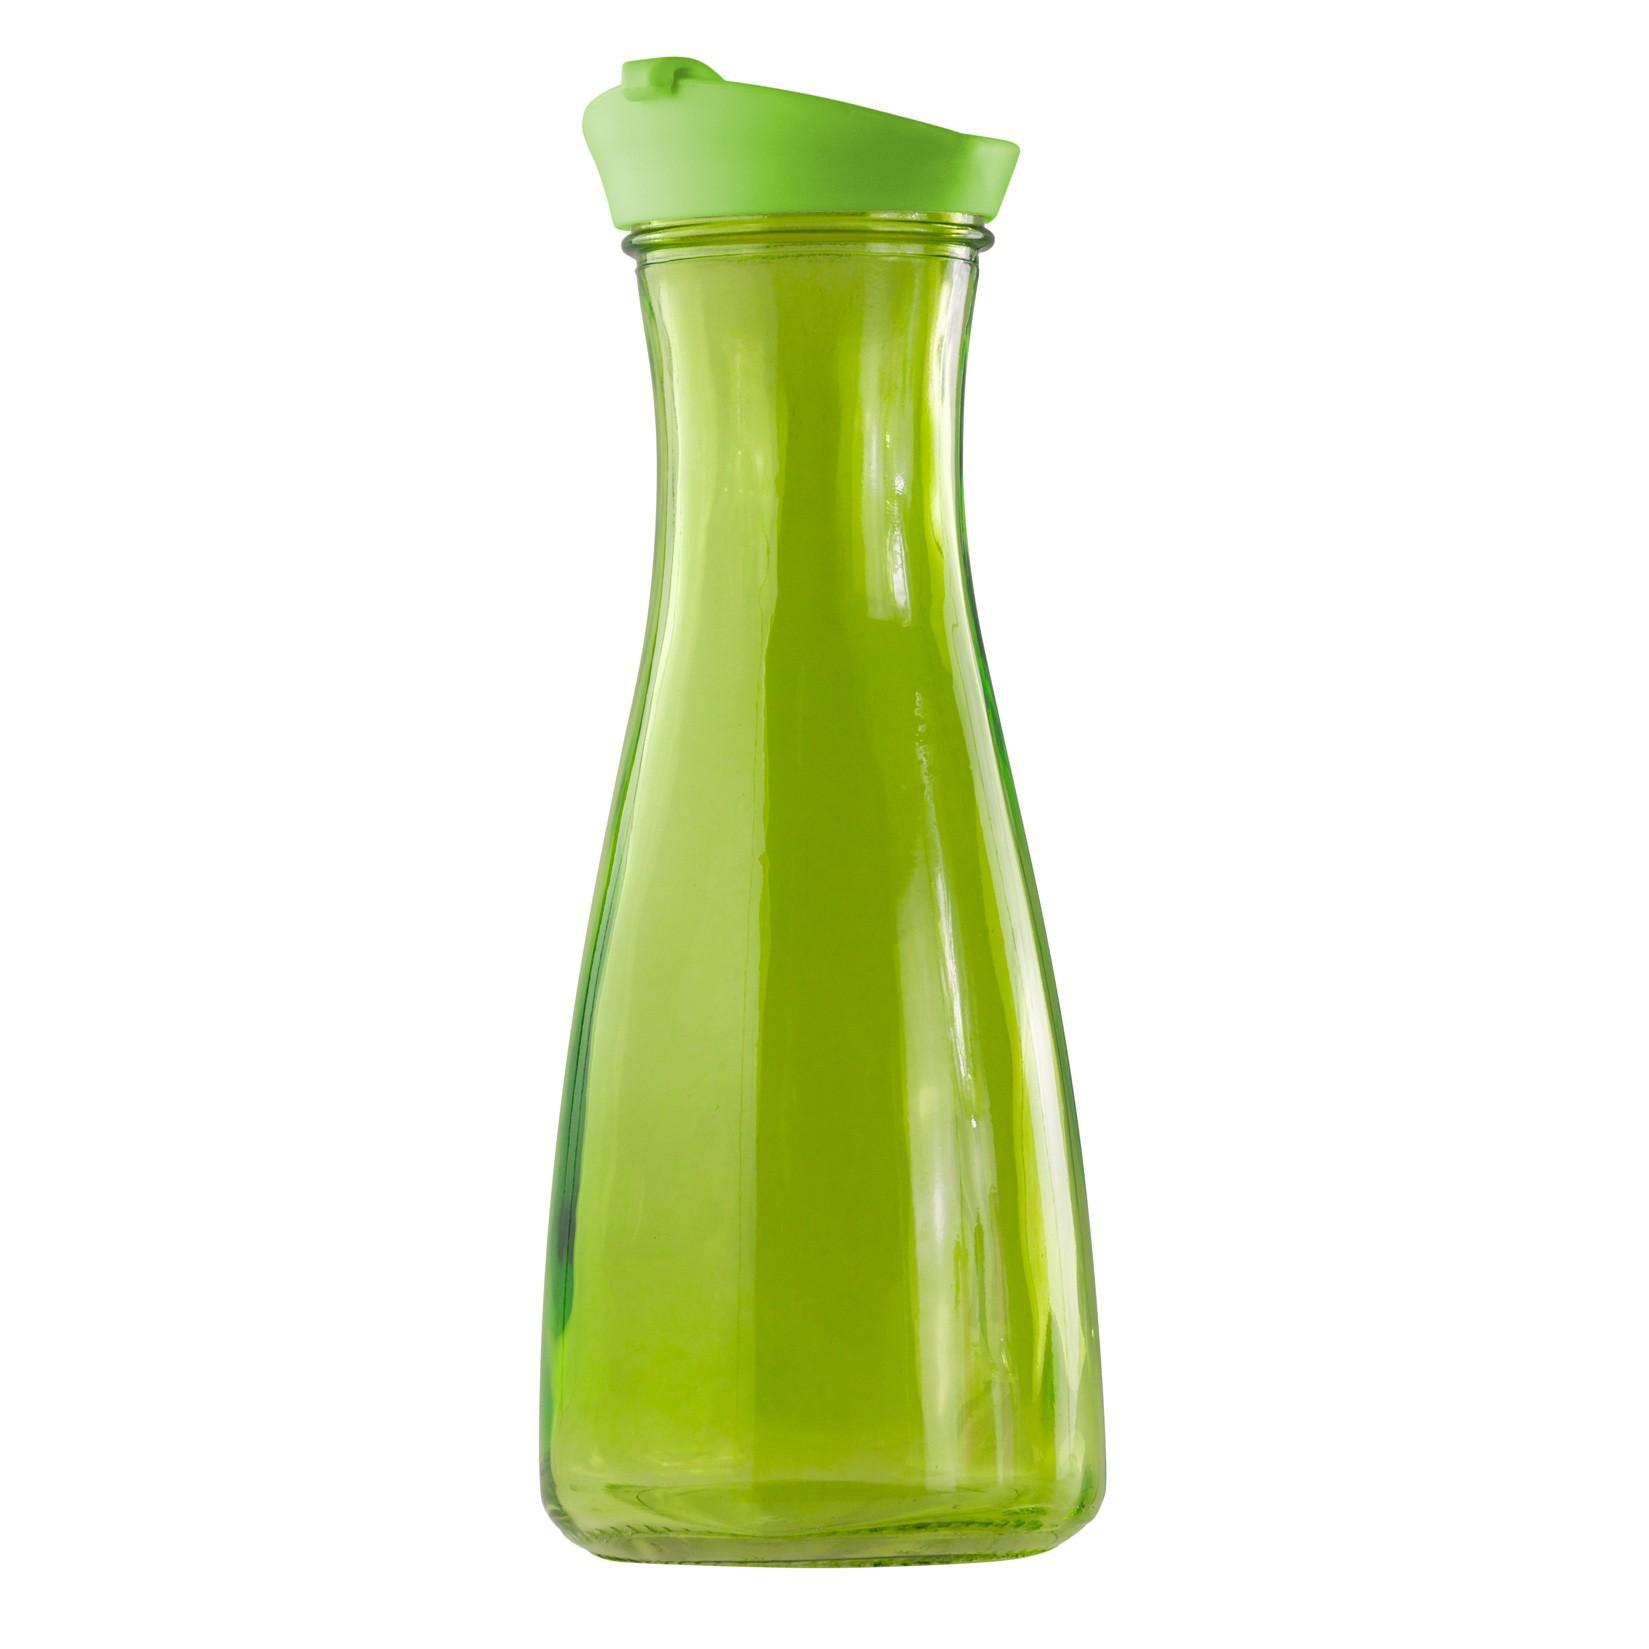 Garrafa de Vidro Verde 10L 71400201 - Bianchini